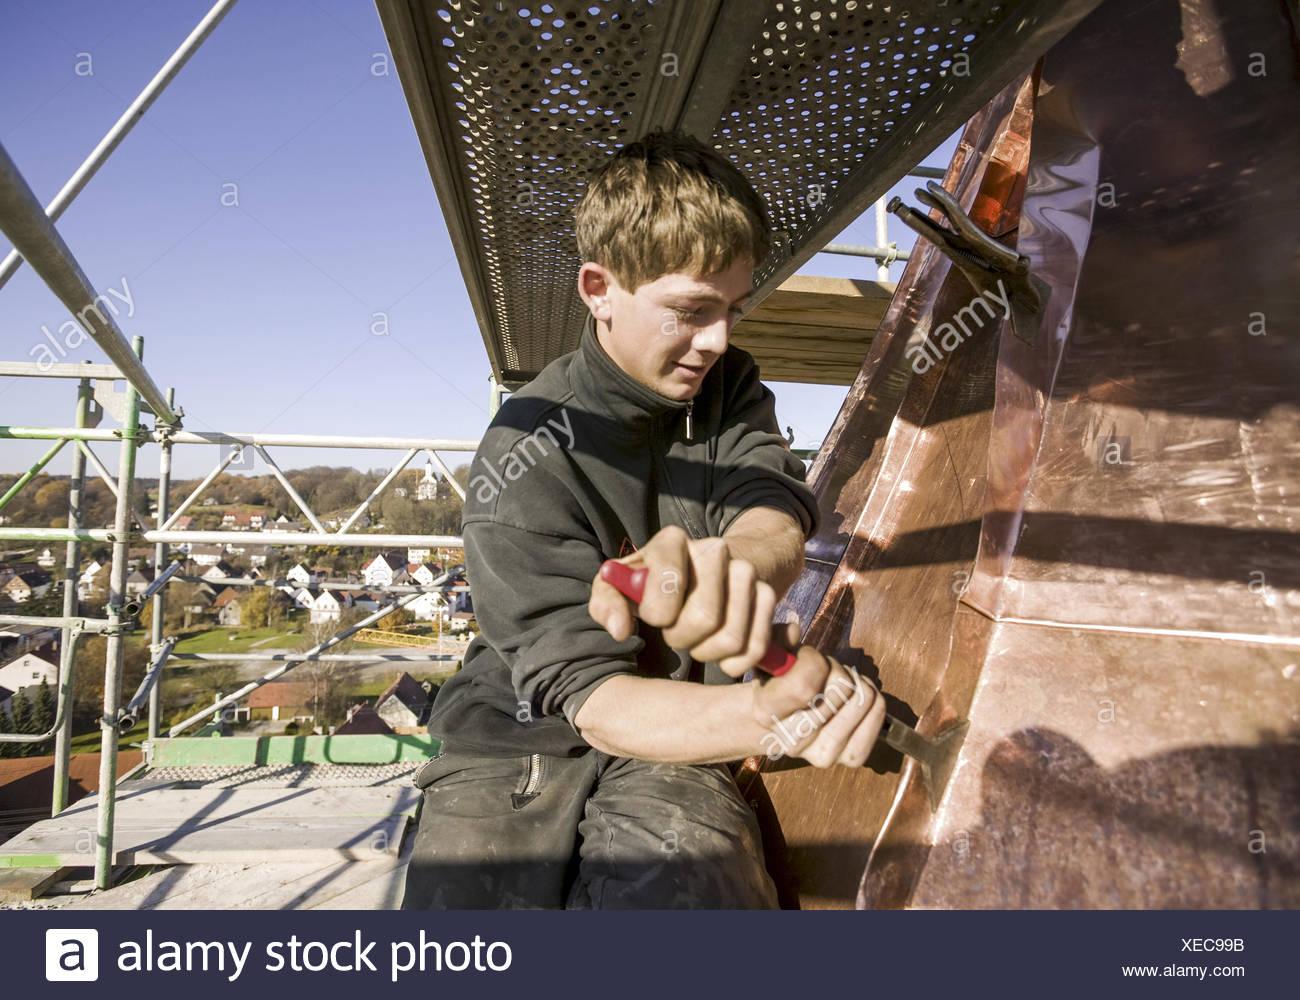 Spengler, Lehrling arbeitet mit Stemmeisen an Kupferdach eines Kirchturms (model-released) Stock Photo